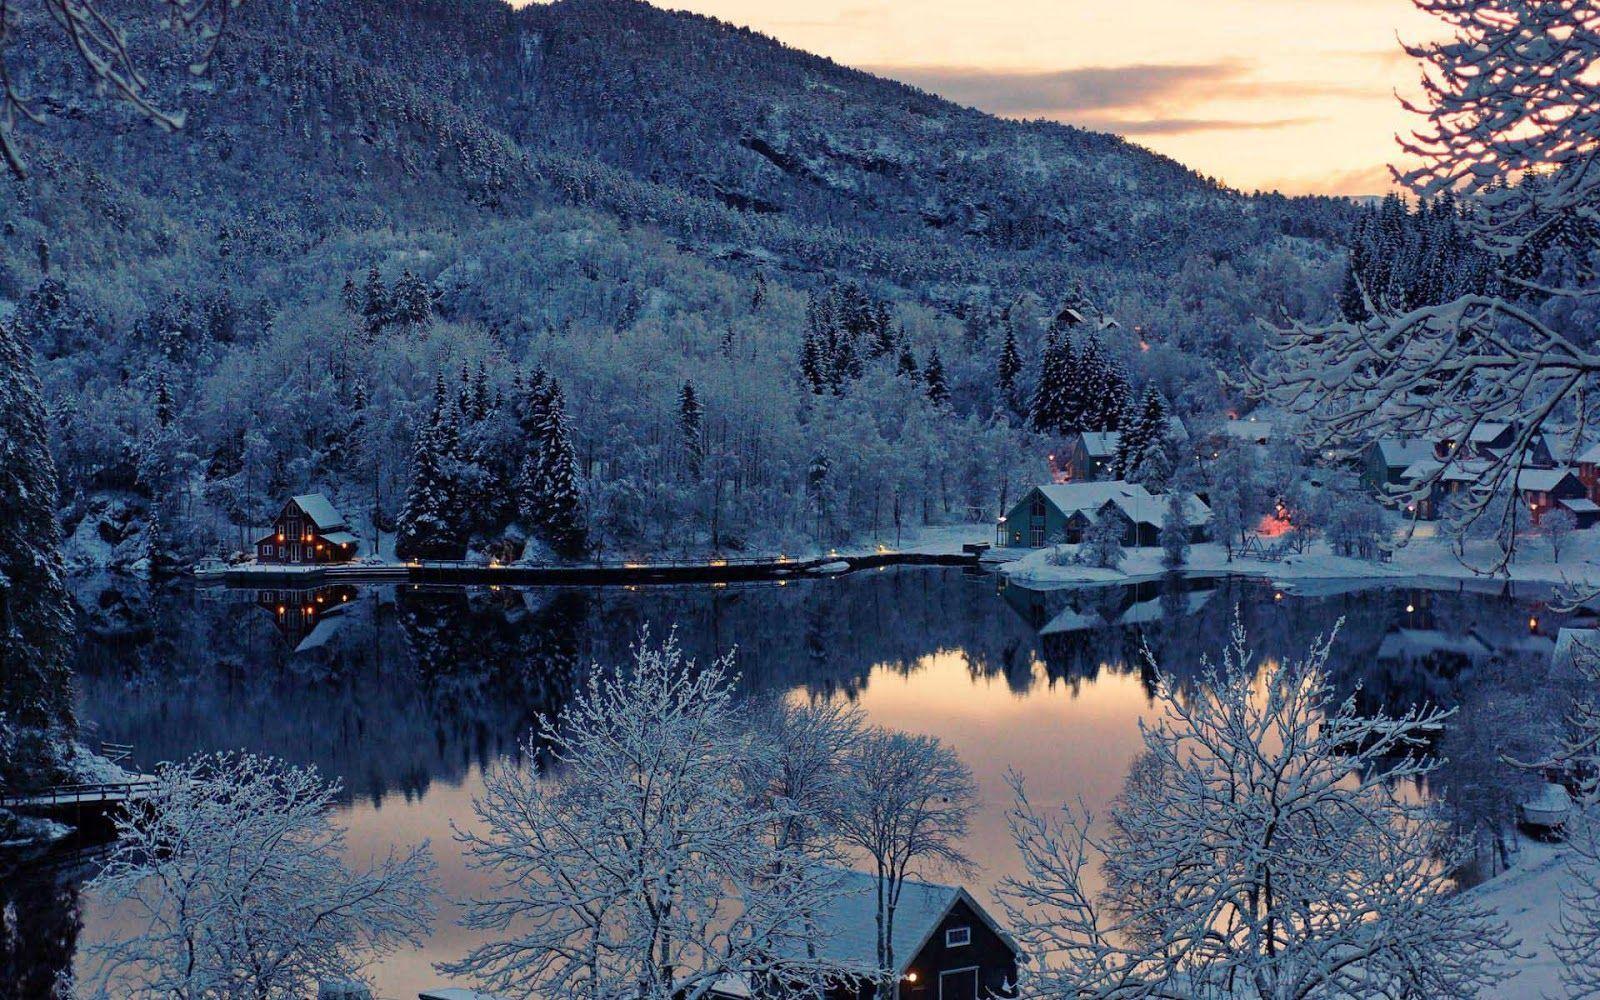 #C47D0722364088 Uw Droomhuis Bouwen In Noorwegen? Fjord Home Specialist Aanbevolen Droomhuis Bouwen 3119 afbeelding/foto 160010003119 beeld